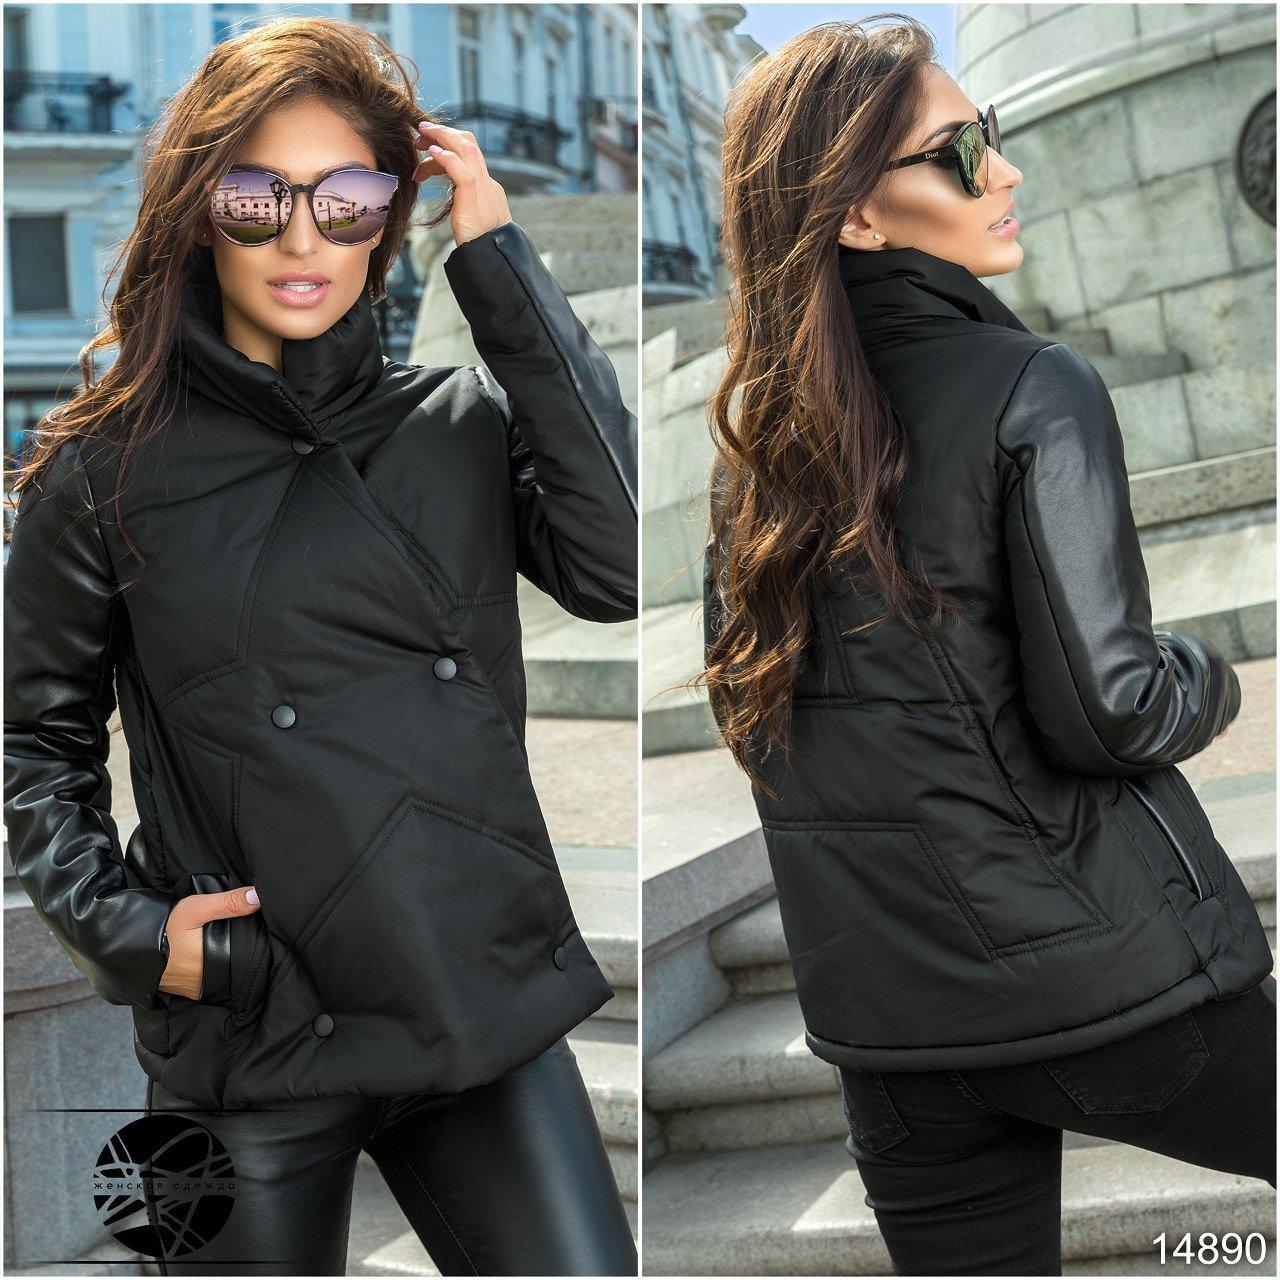 b8649d45cde5 Молодежная куртка черного цвета с рукавами из экокожи. Модель 14890,  коллекция осень-зима